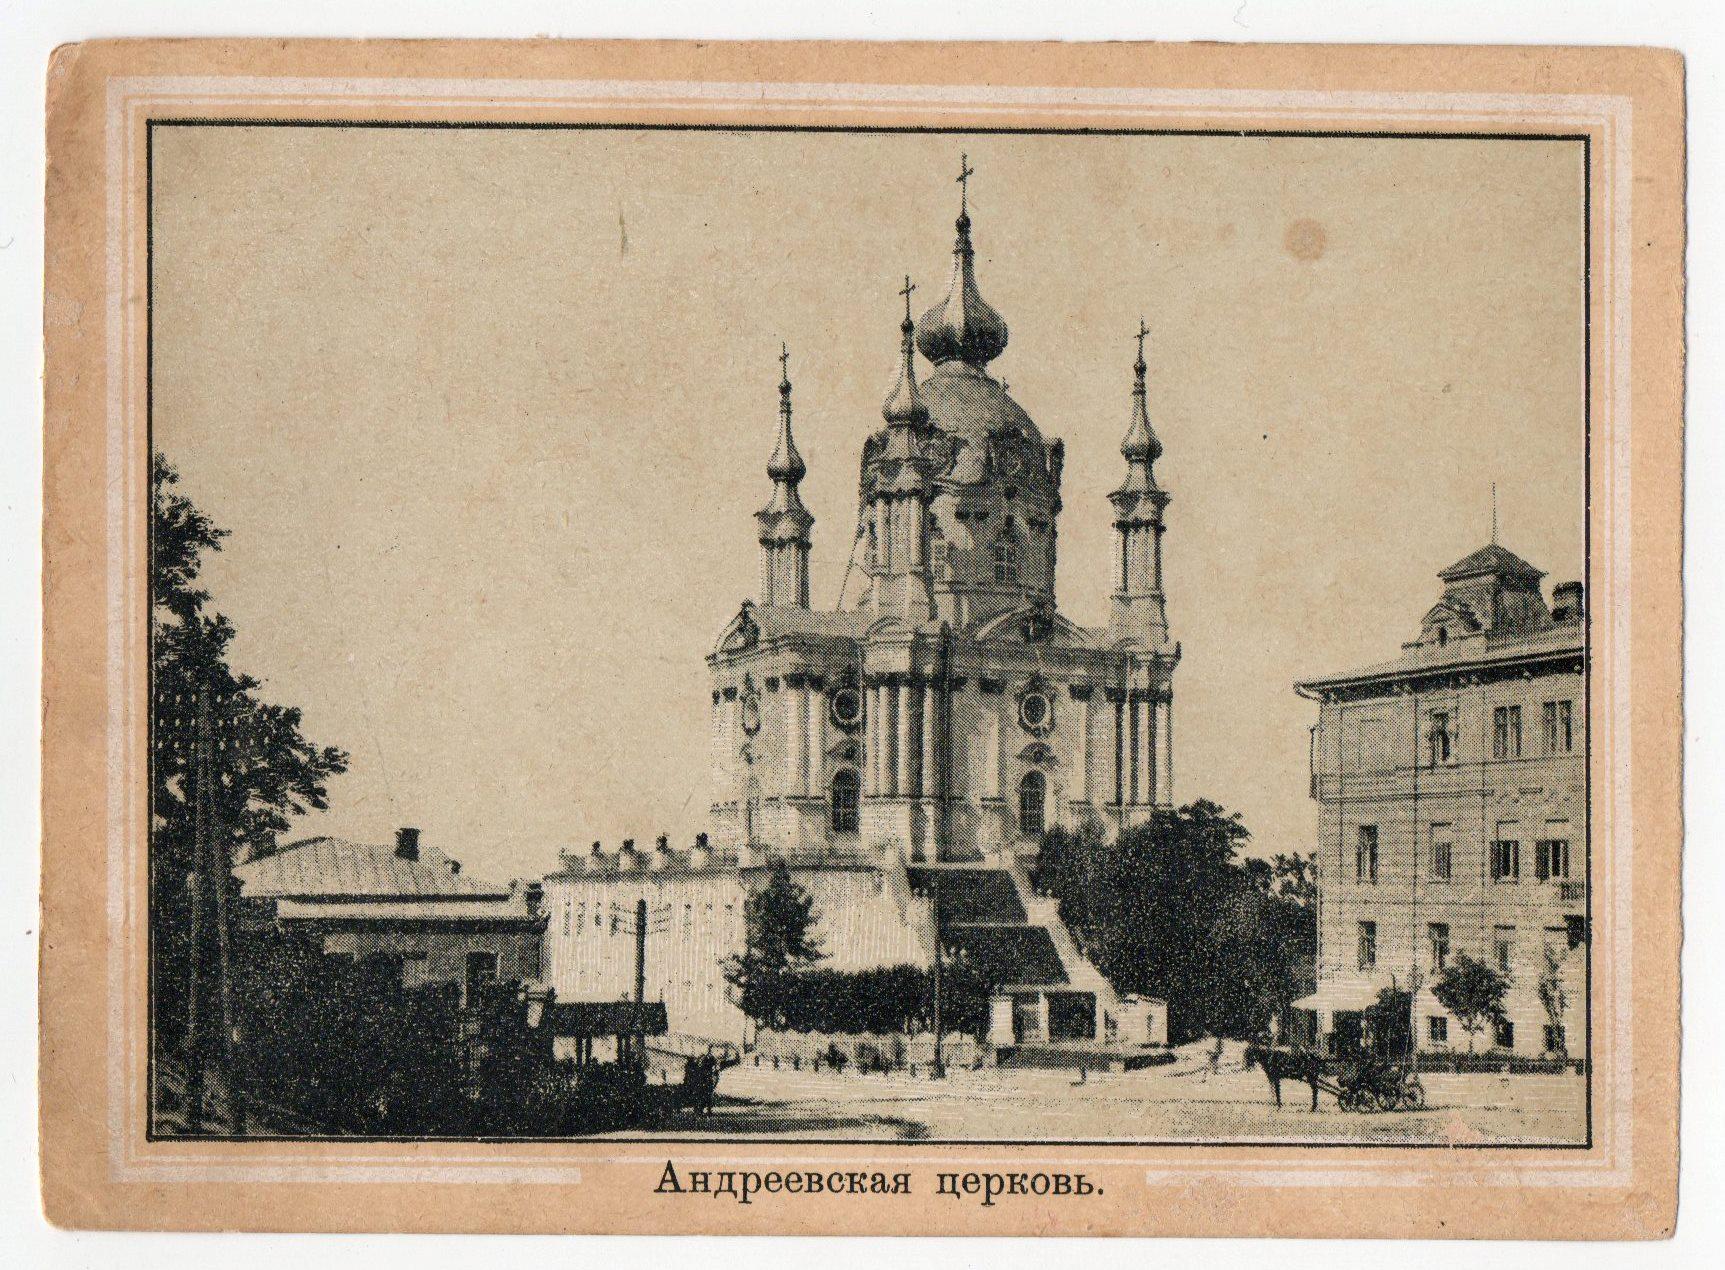 """Поштова листівка з альбому """"Виды Кіева"""". """"Андреевская церковь"""""""